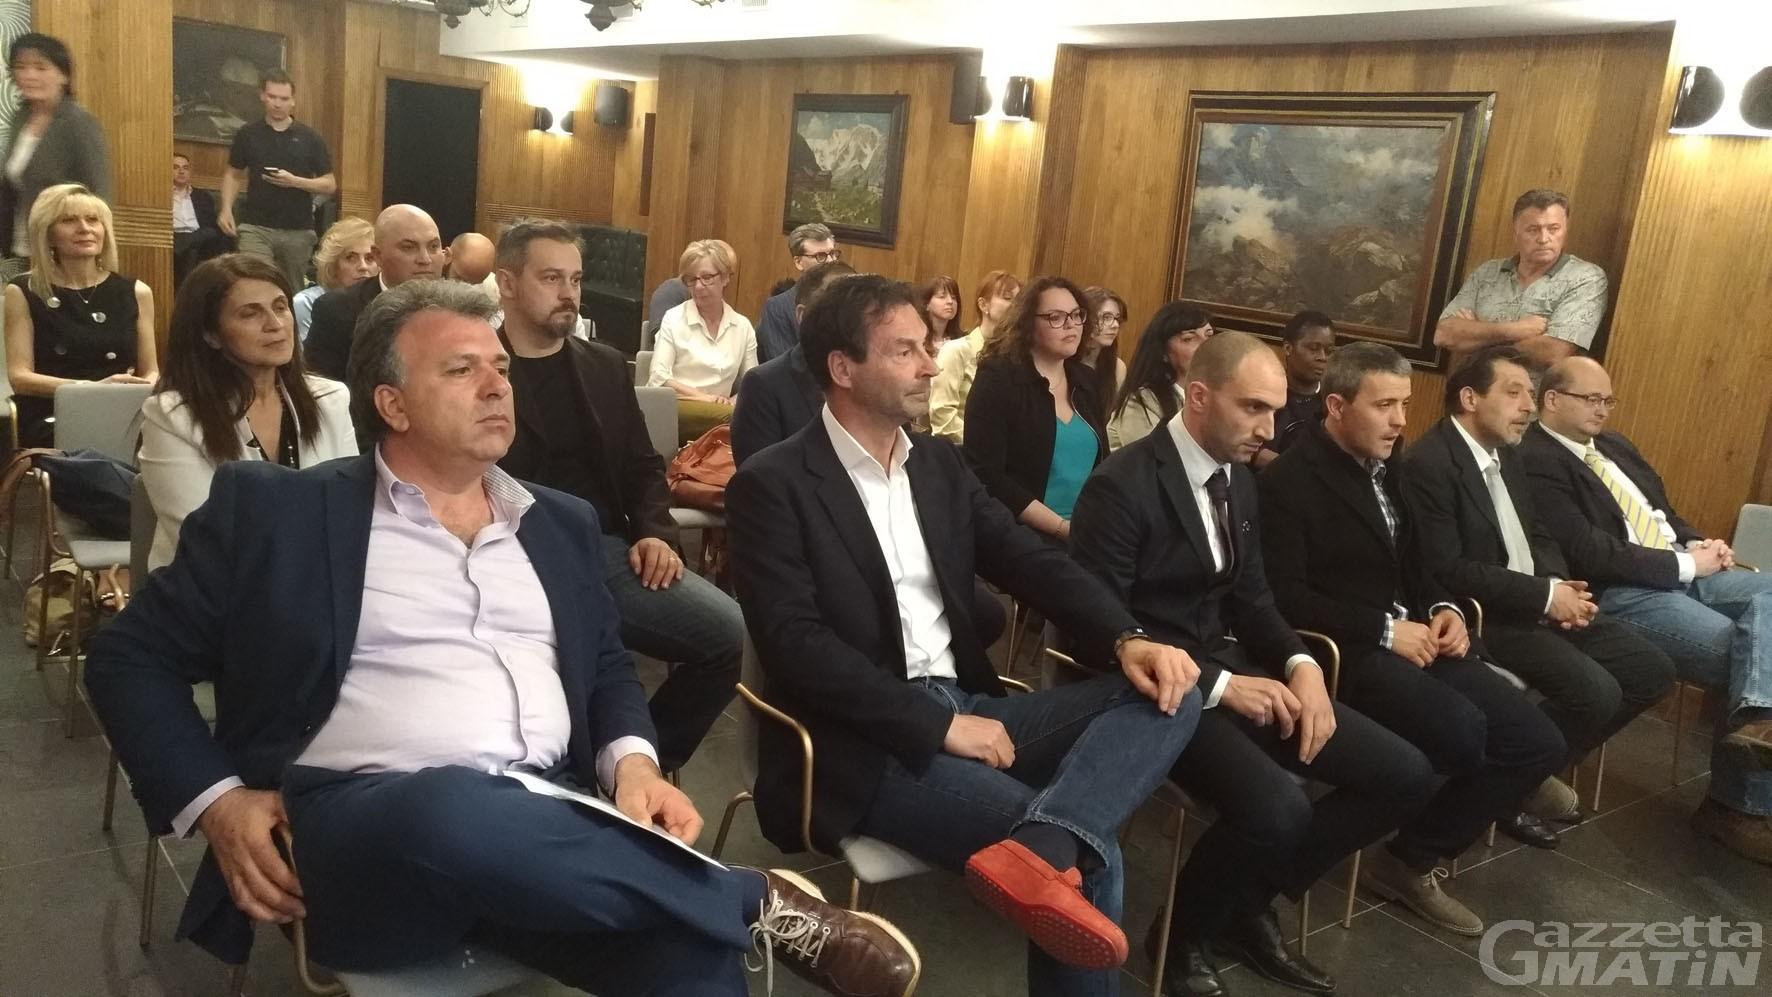 Centro Destra lancia il 'contratto con i valdostani' in sette punti